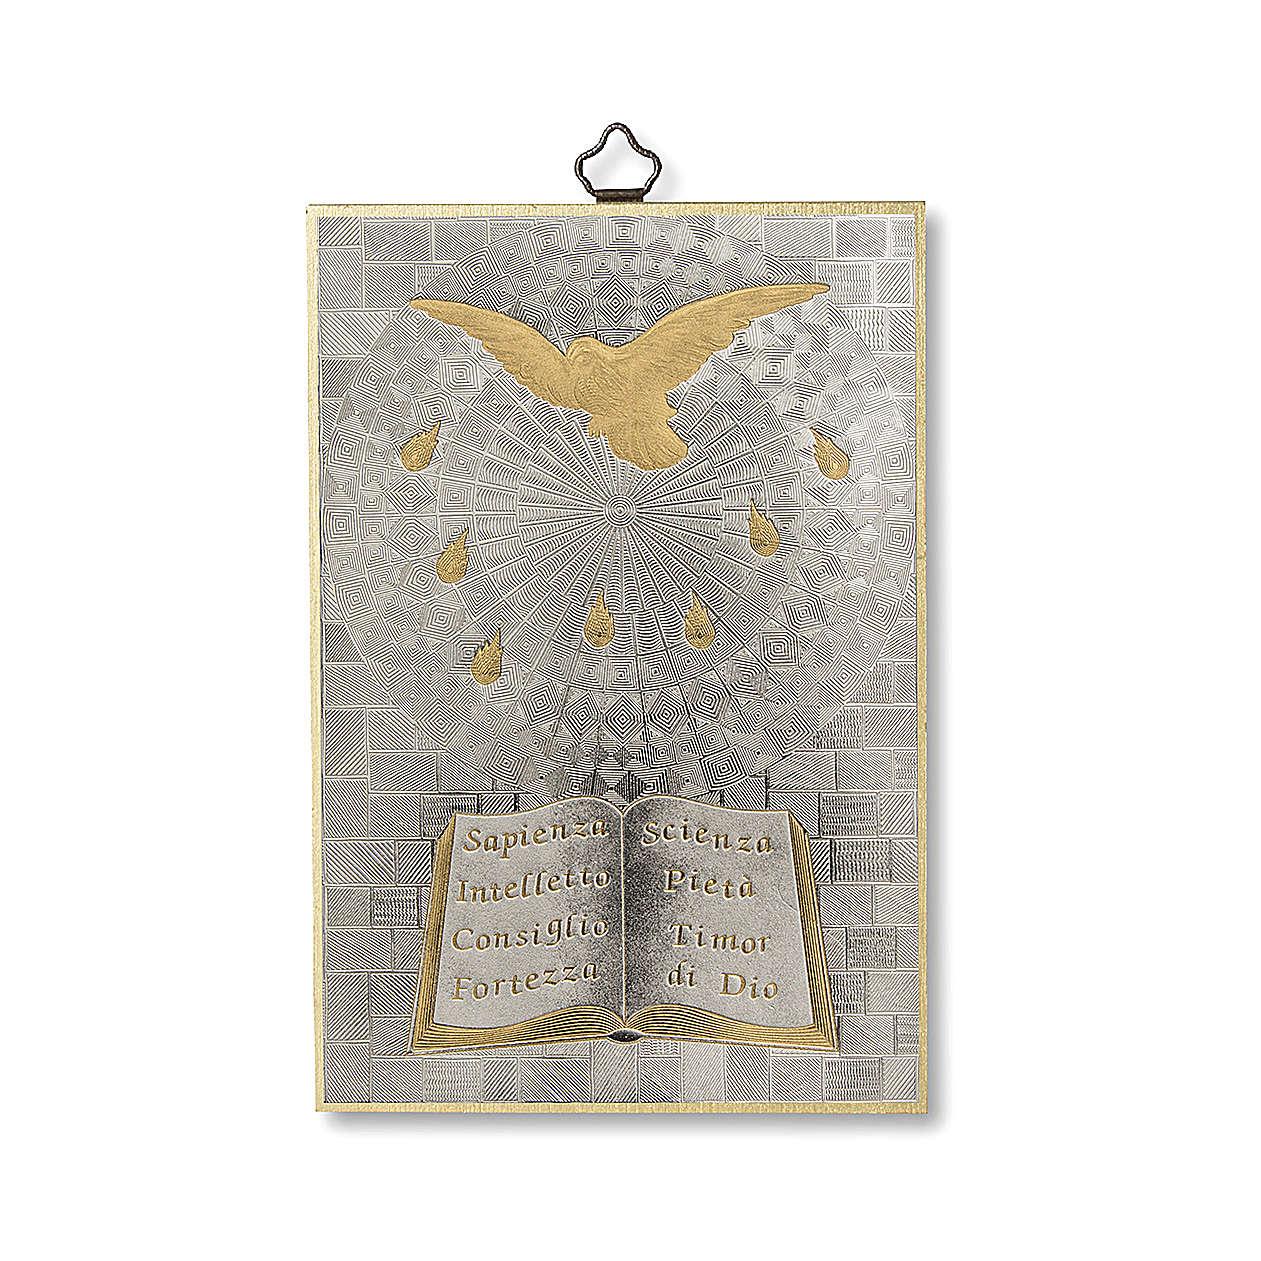 Stampa su legno Spirito Santo Diploma Ricordo della Cresima ITA 3